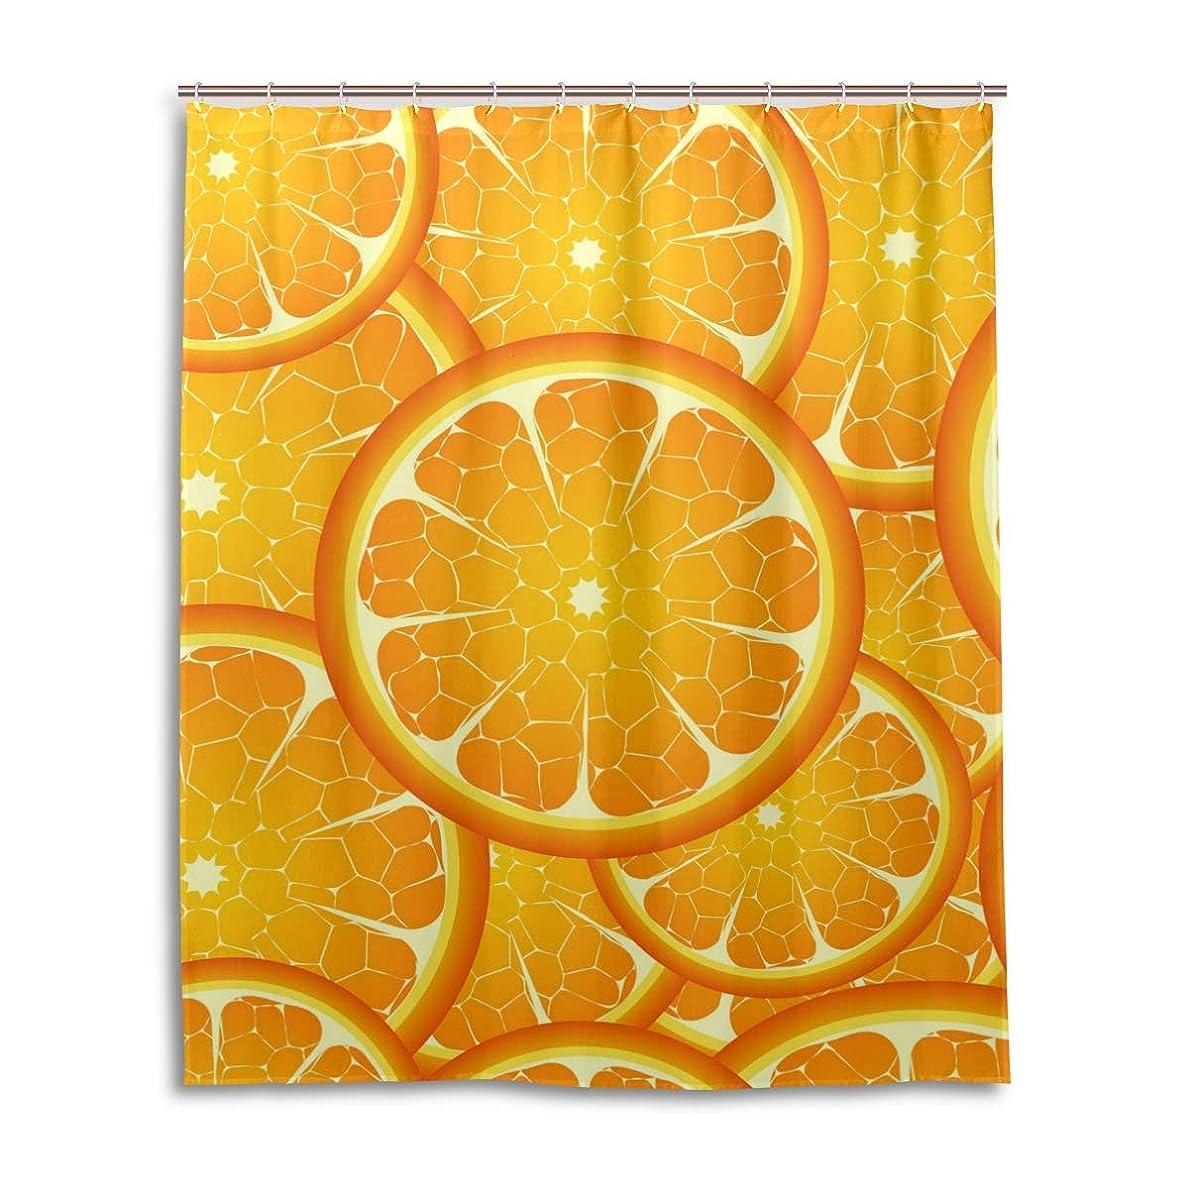 スリット蓮落ち着いたマキク(MAKIKU) シャワーカーテン おしゃれ 防カビ リング付属 レモン柄 オレンジ バスカーテン ユニットバス 浴室 脱衣所 取付簡単 150x180